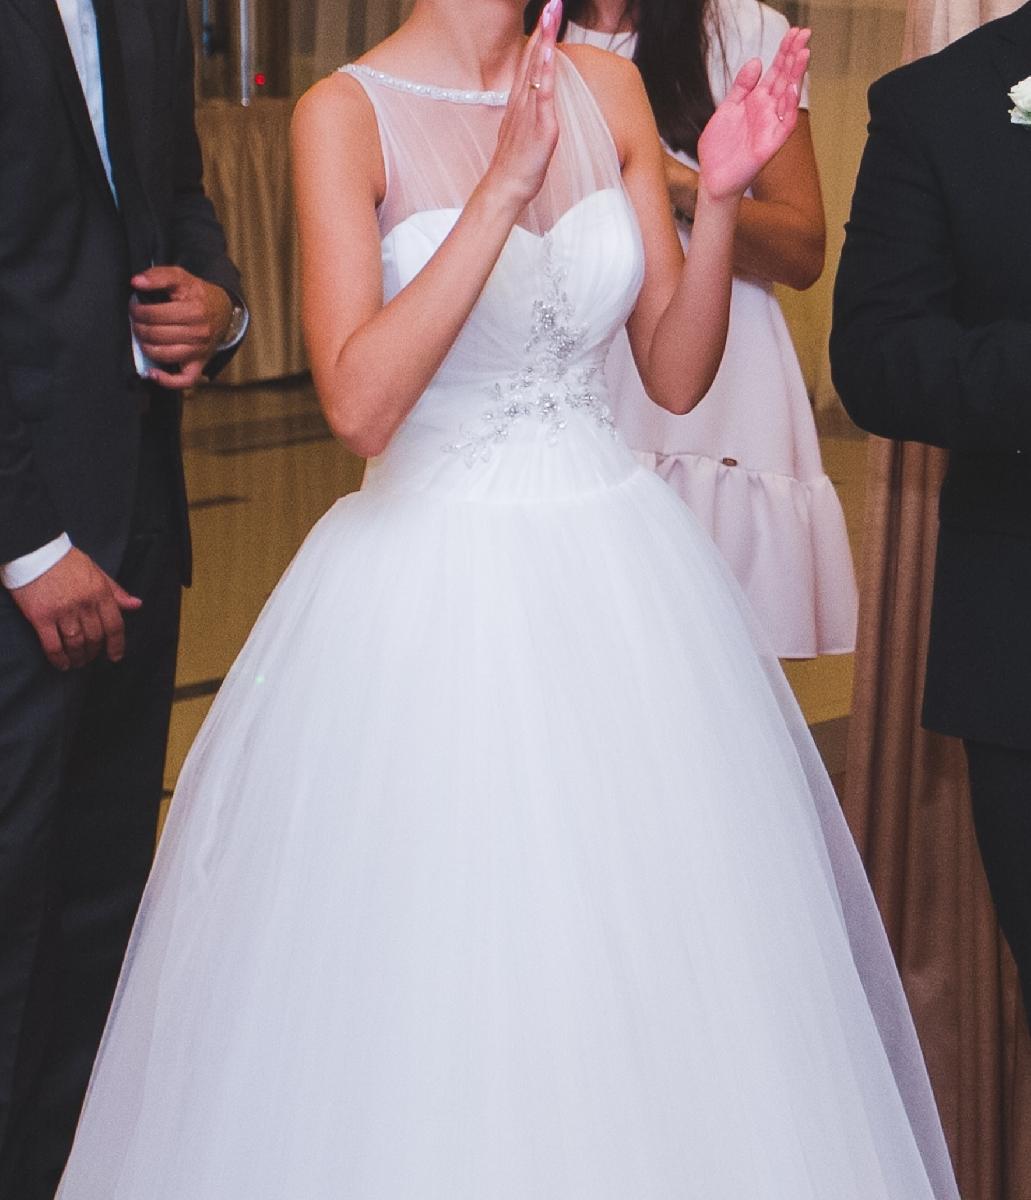 Tiulowa Suknia ślubna Roz 34 Ogłoszenia 213896 Zambroworg